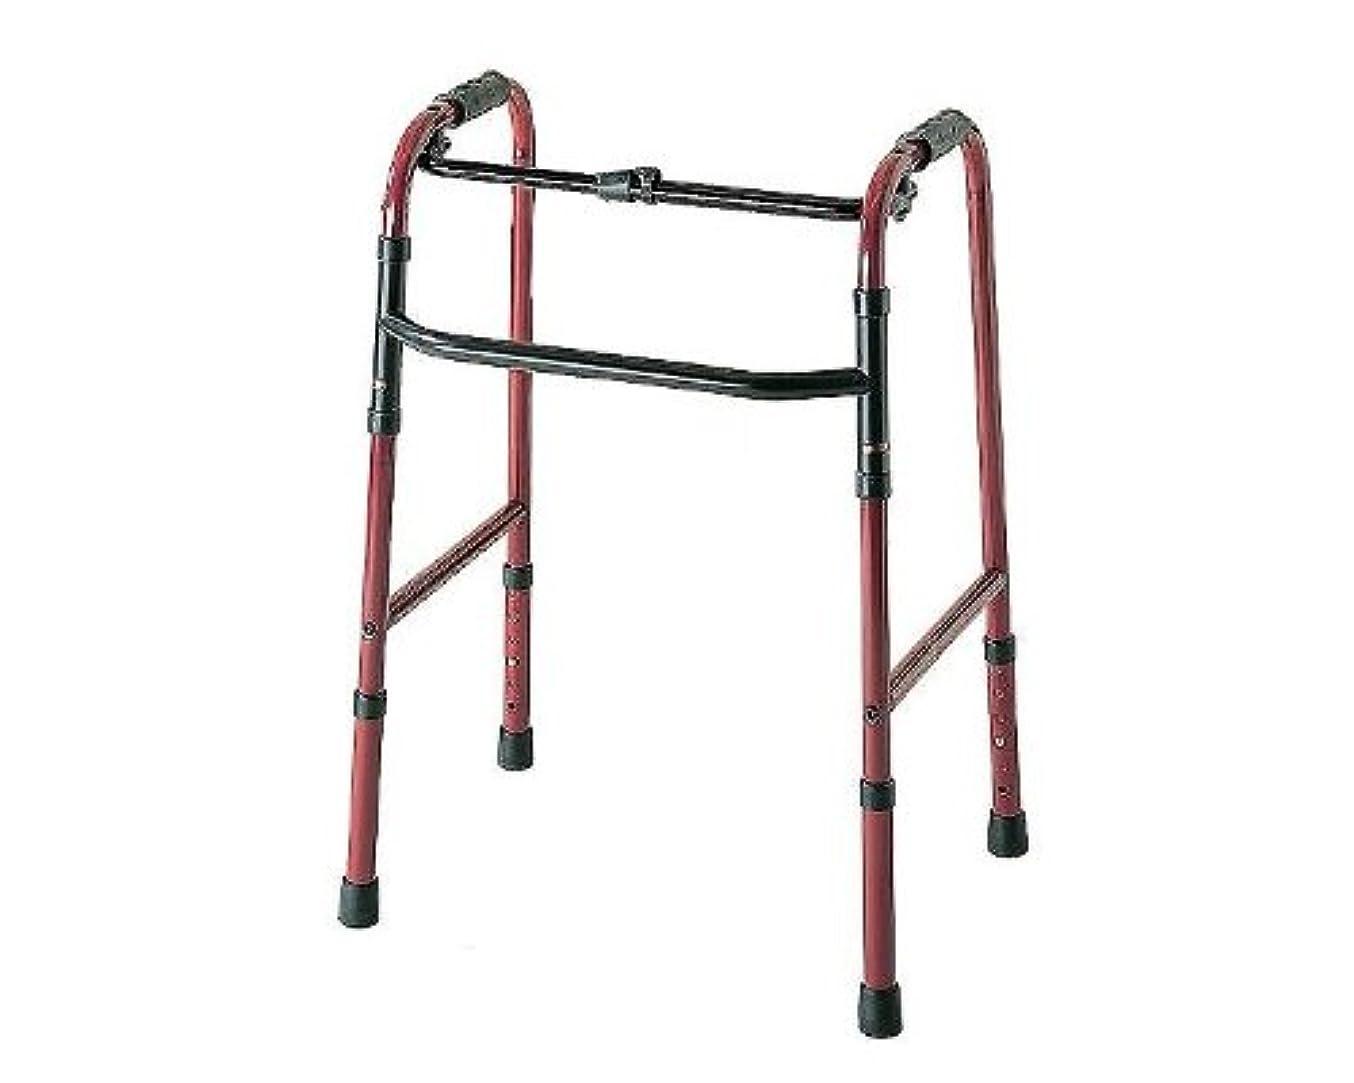 バンケット複合名前を作る【歩行器(キャスター無し)】折りたたみ式歩行器 ◆ [C2021] ■ ブロンズ